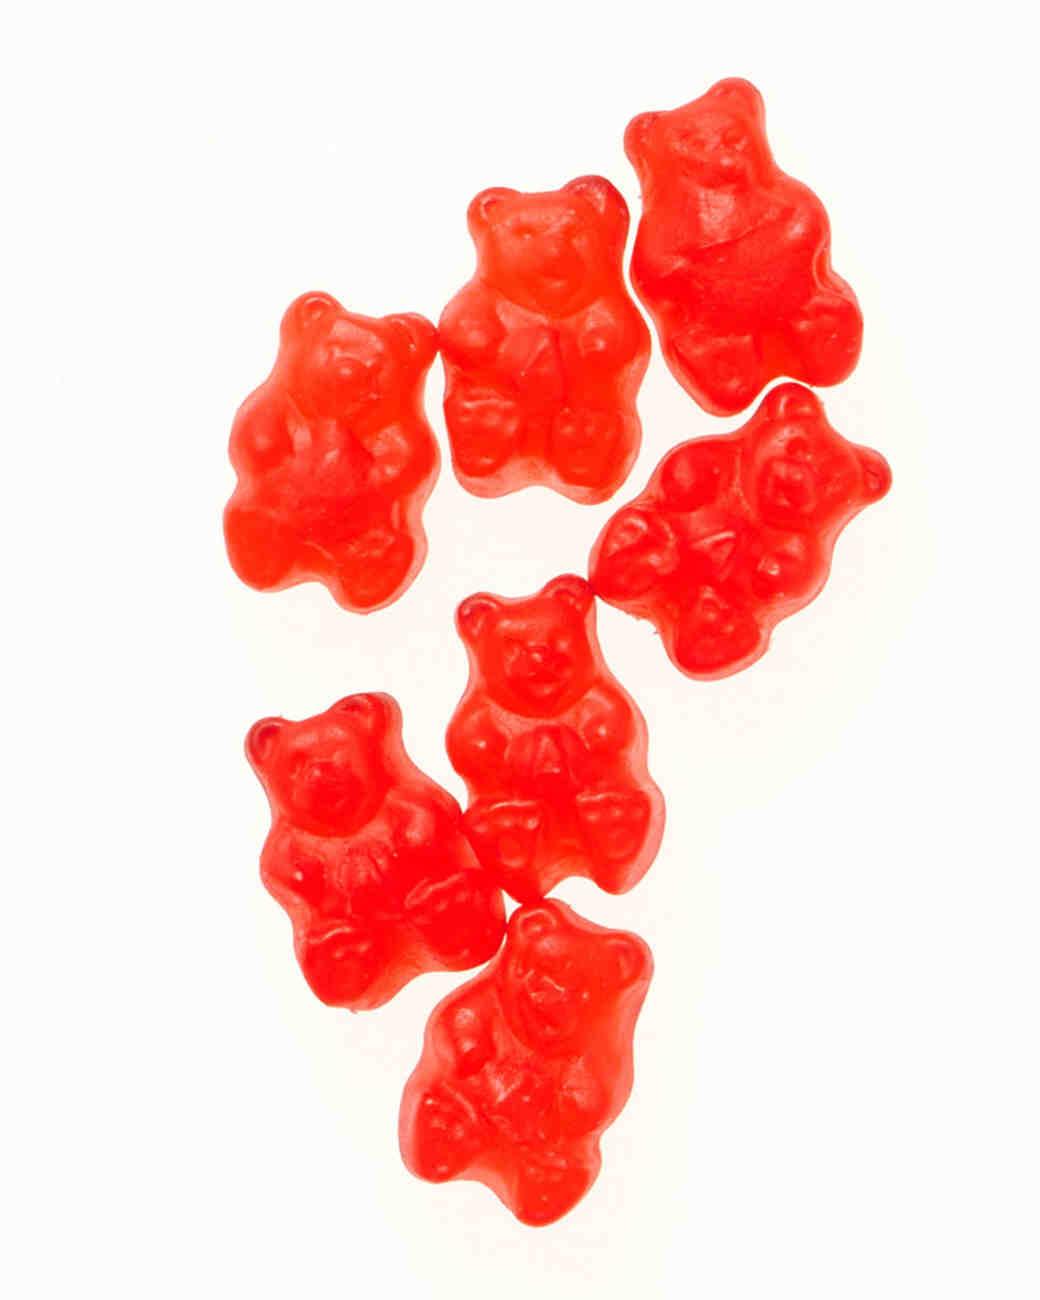 candy-dylan-sum11d107396-020.jpg